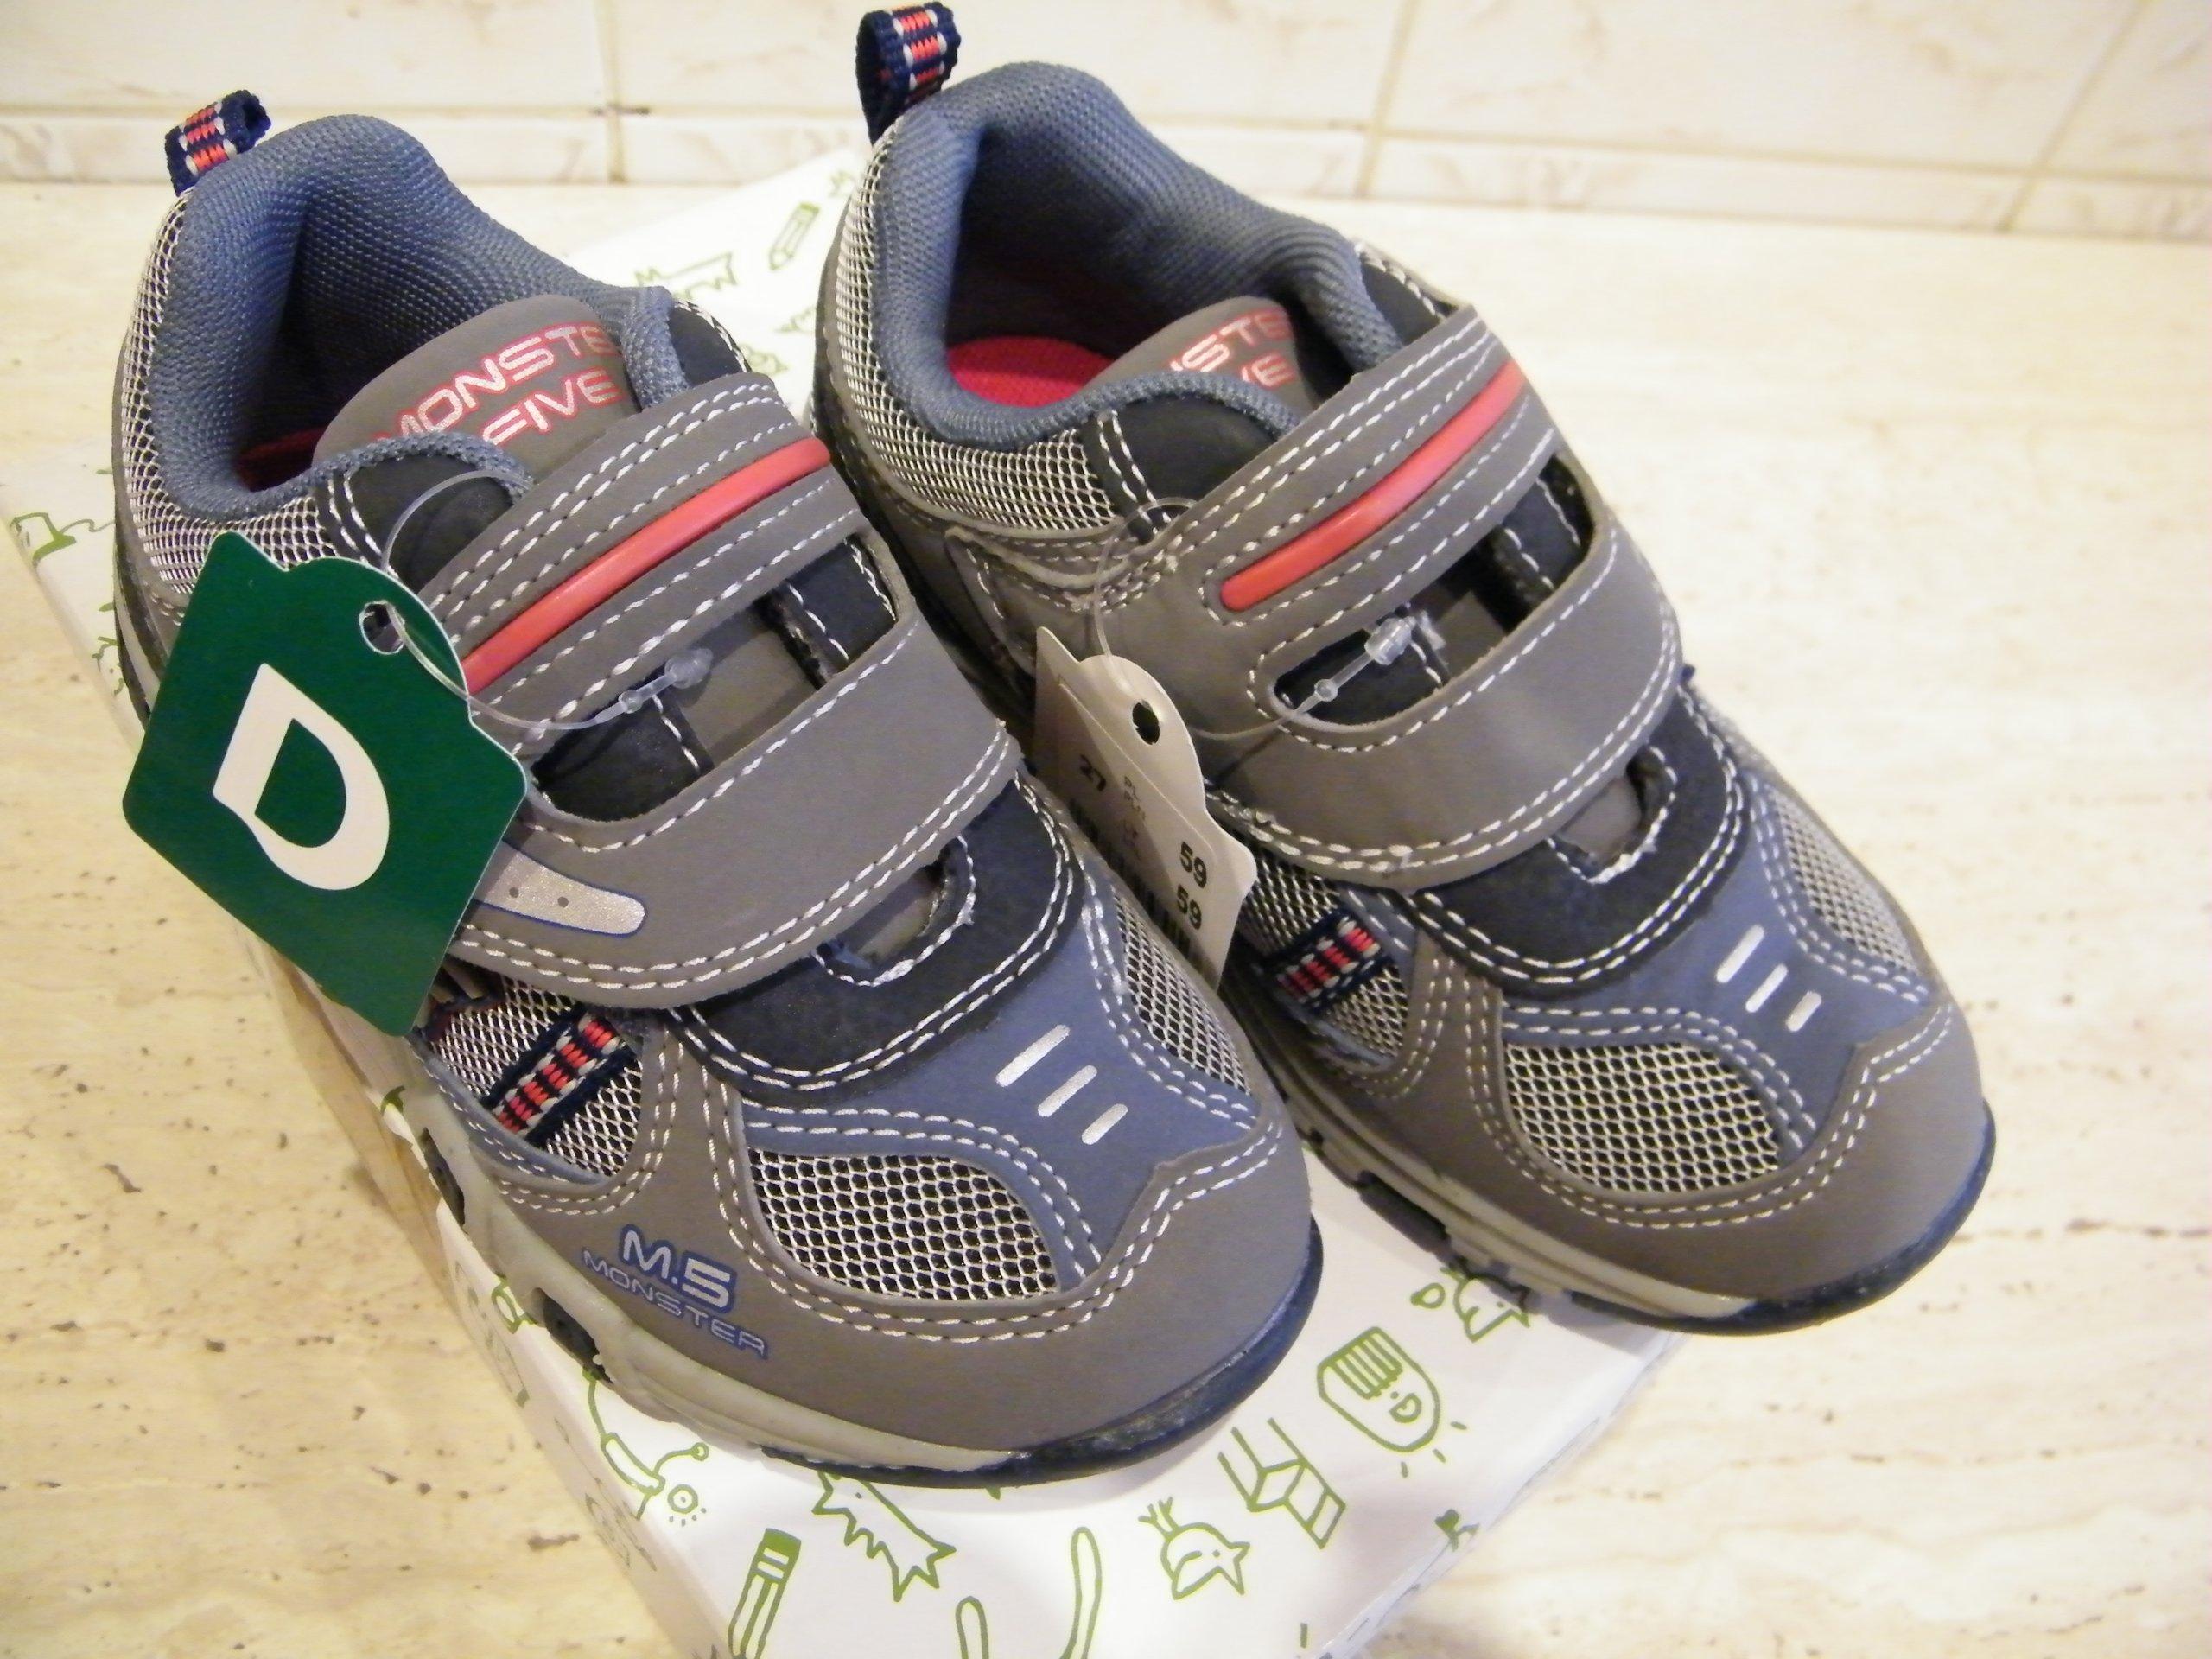 Buty Nowe Deichmann Bobbie Shoes rozm. 27 6951446140